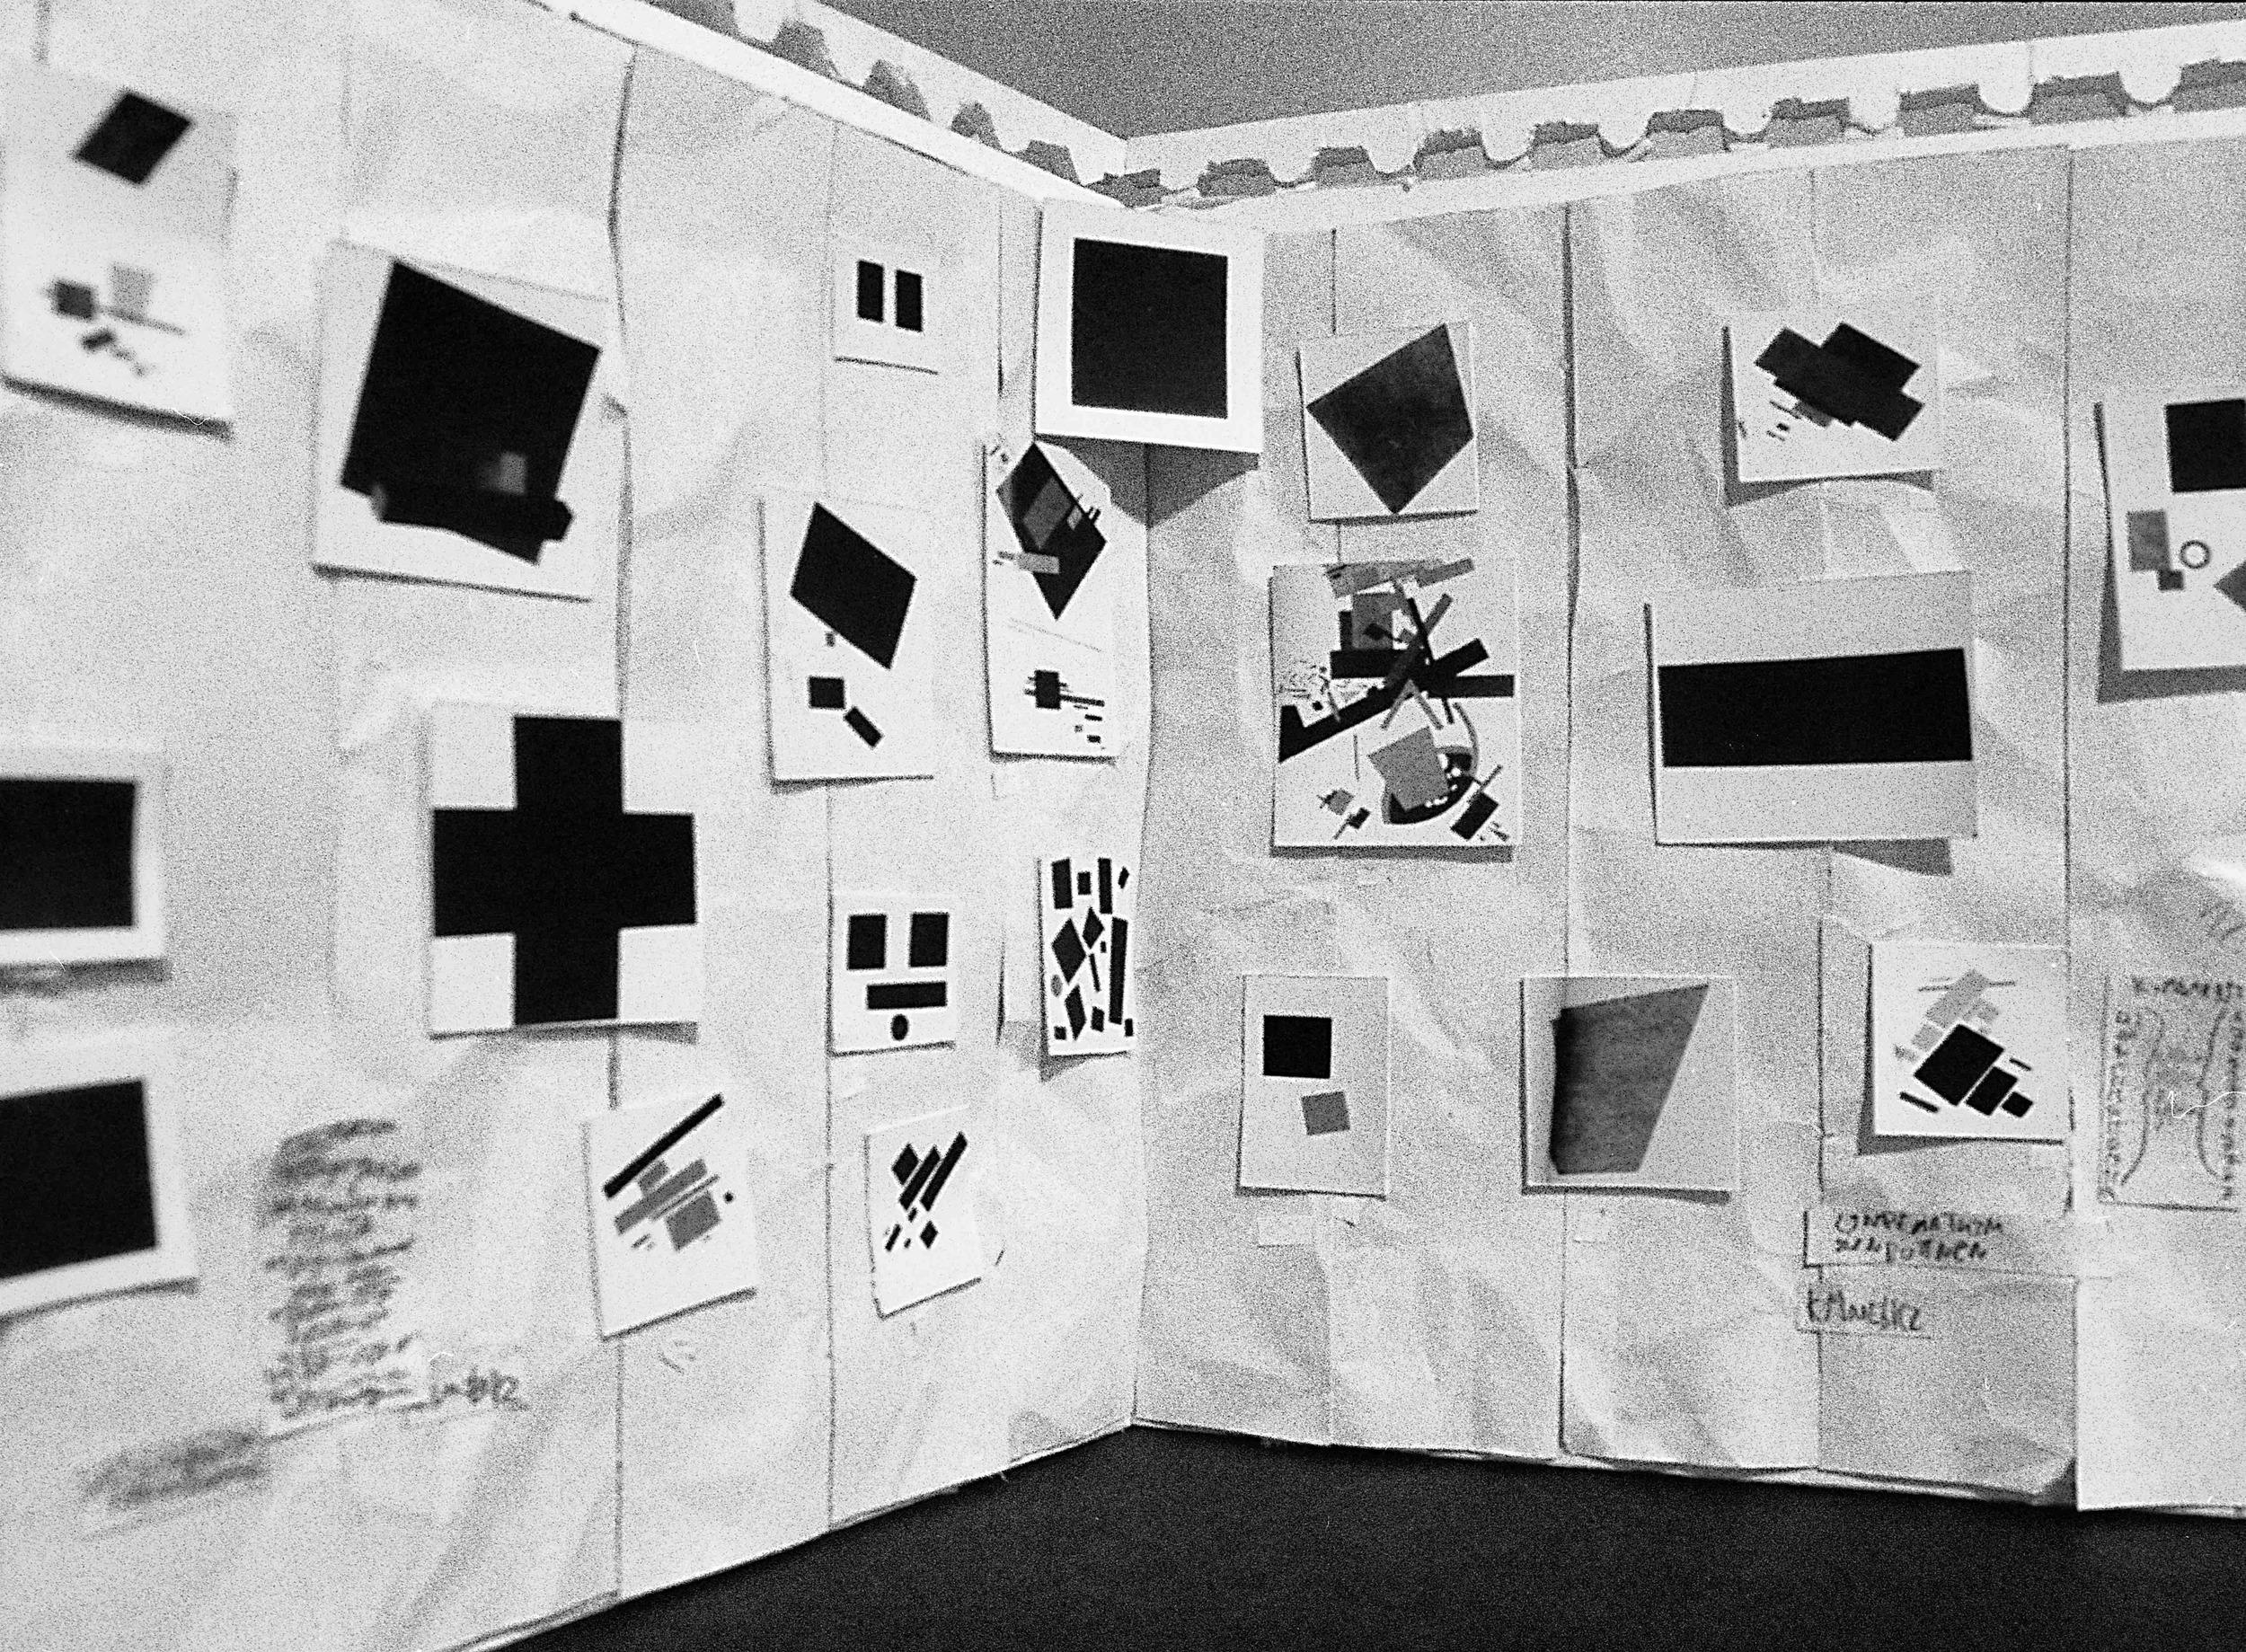 Malevich at the Last Futurist Exhibition, 1915-16